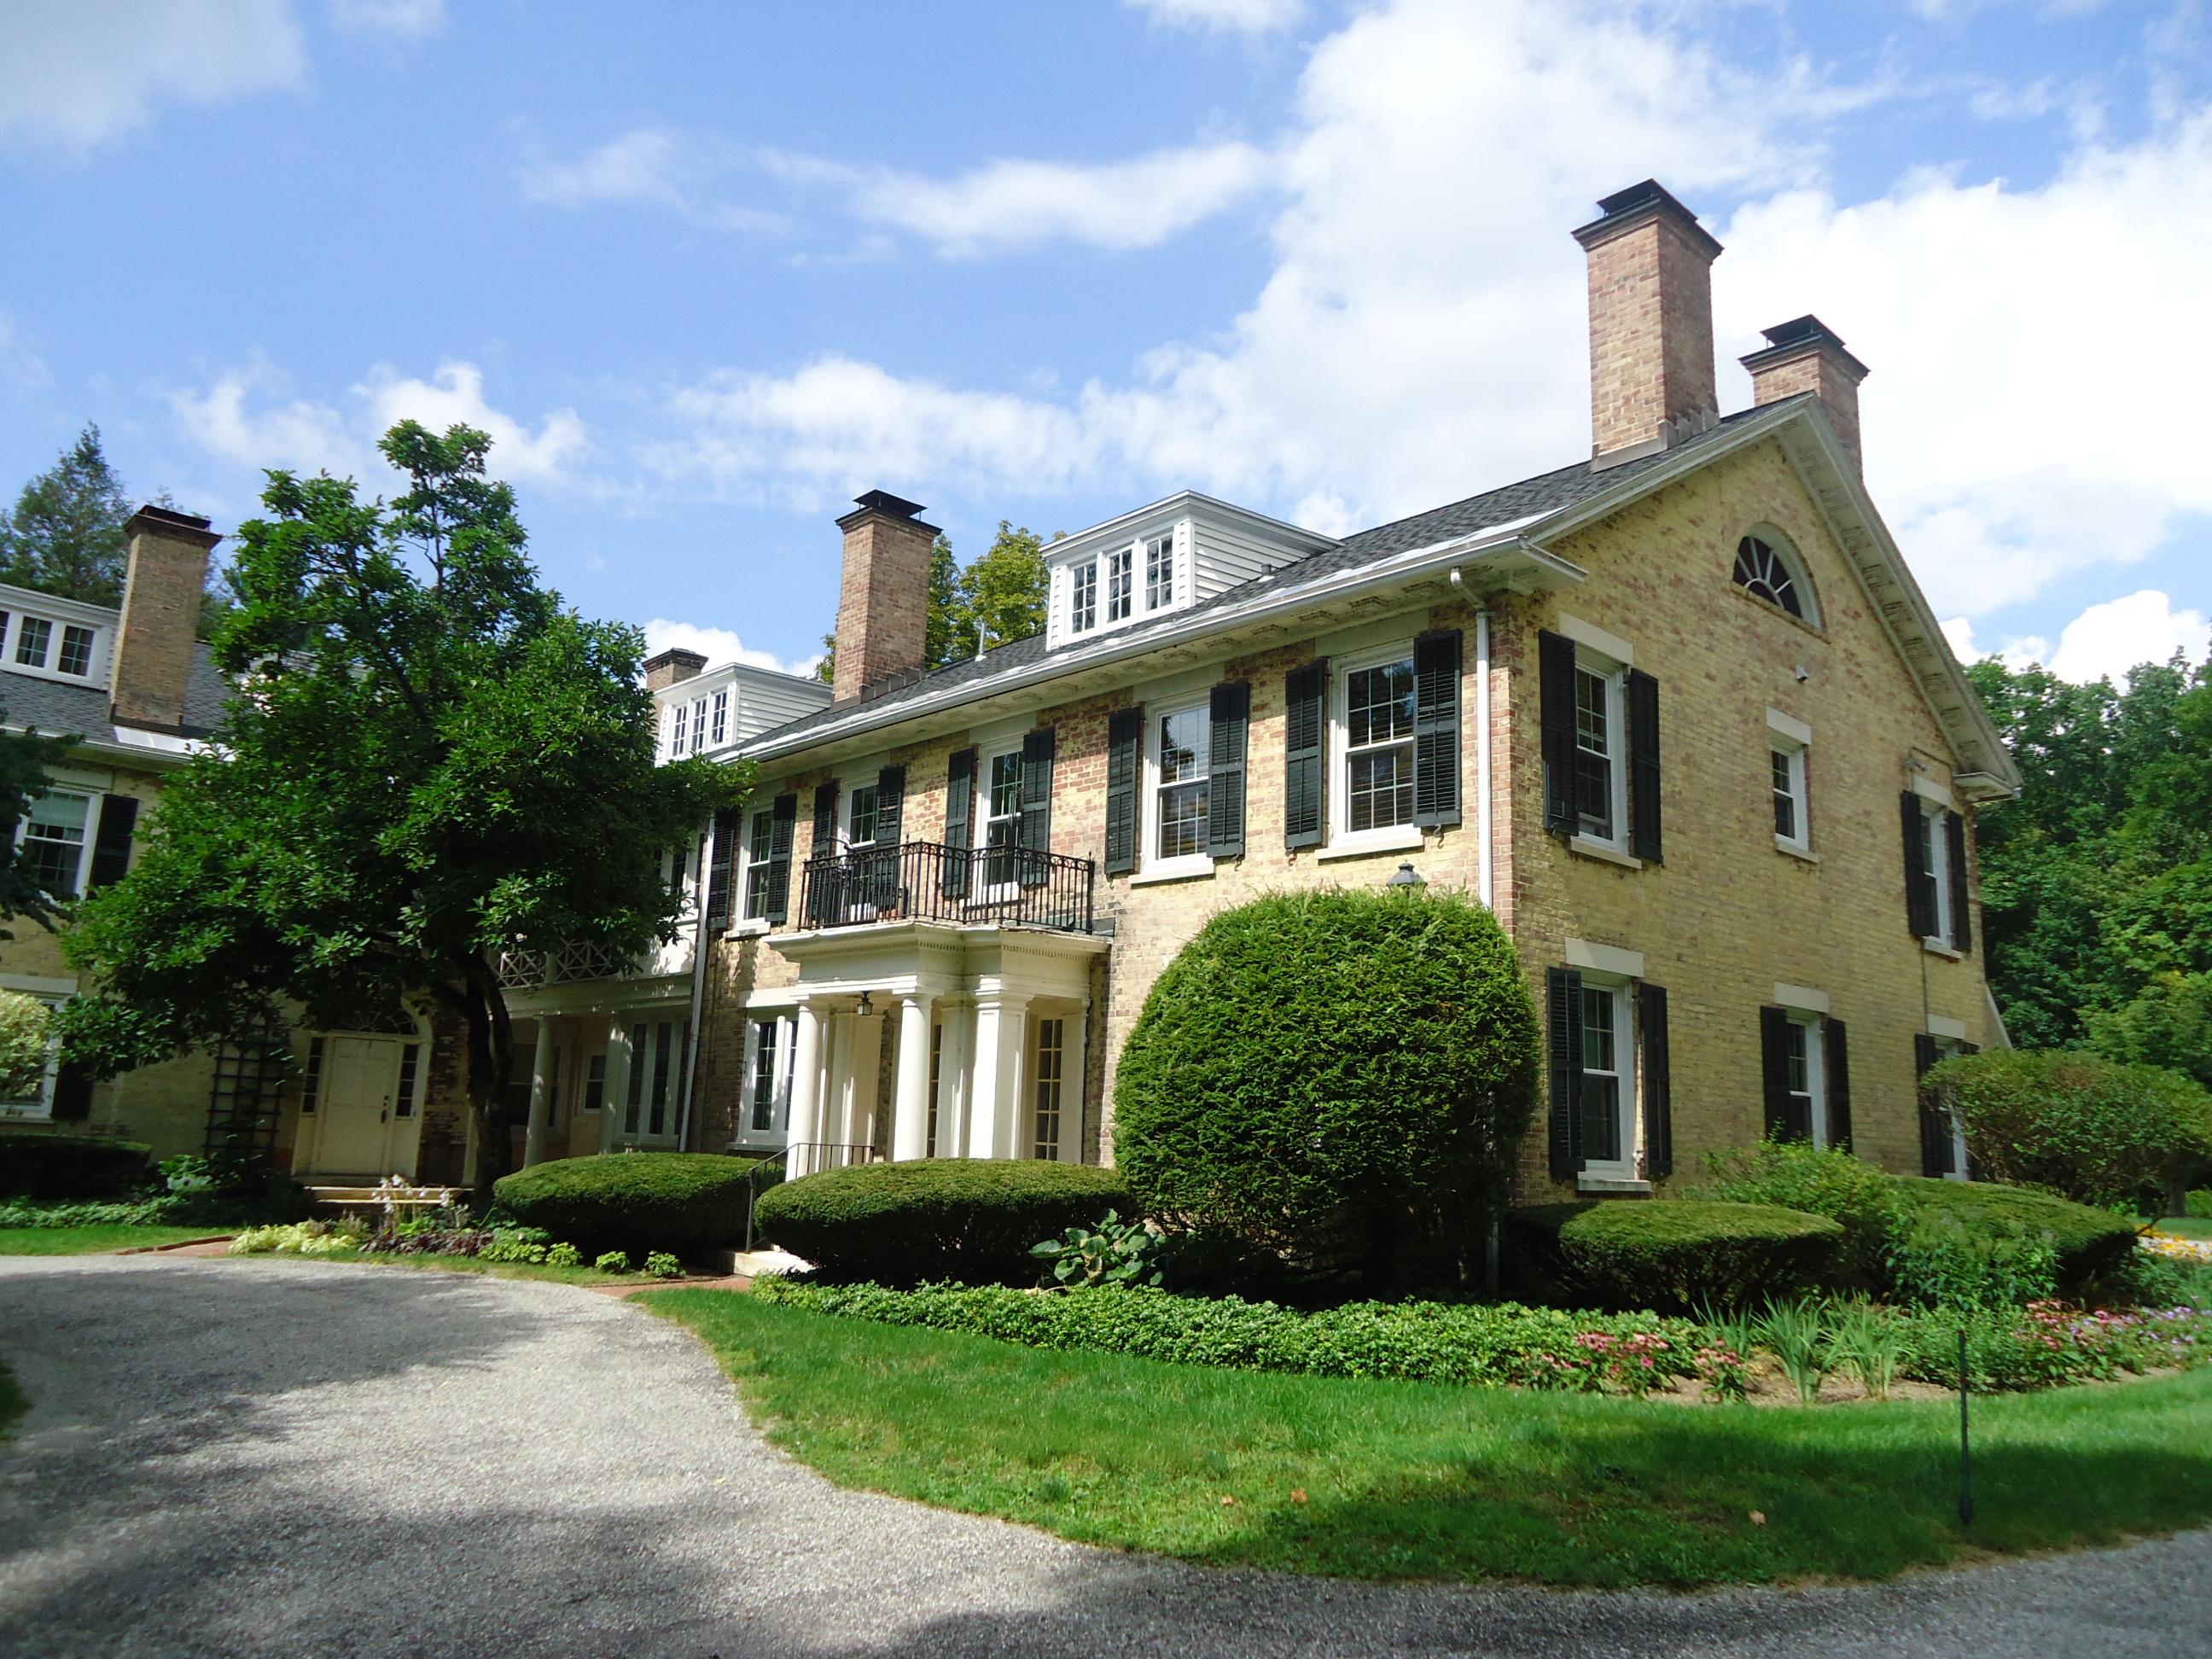 共管式独立产权公寓 为 销售 在 Sweet 2 Bedroom Condo Close to Town 57 Main St 3 克布里奇, 马萨诸塞州 01262 美国